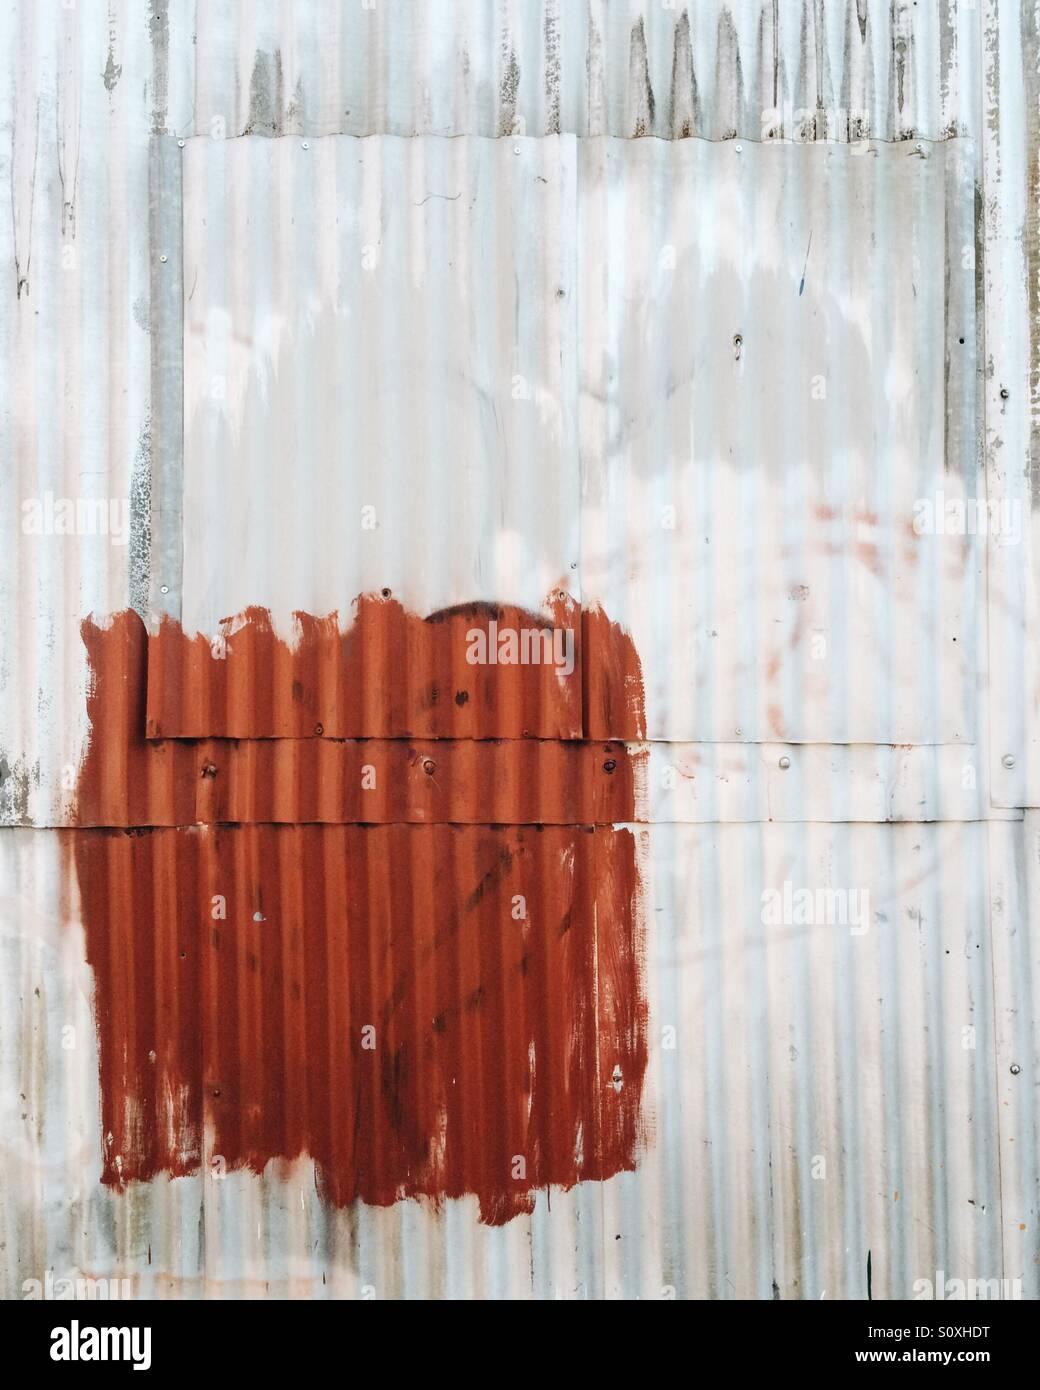 Resumen de hierro corrugado en el lateral de un edificio industrial en Burlington, Vermont. Imagen De Stock